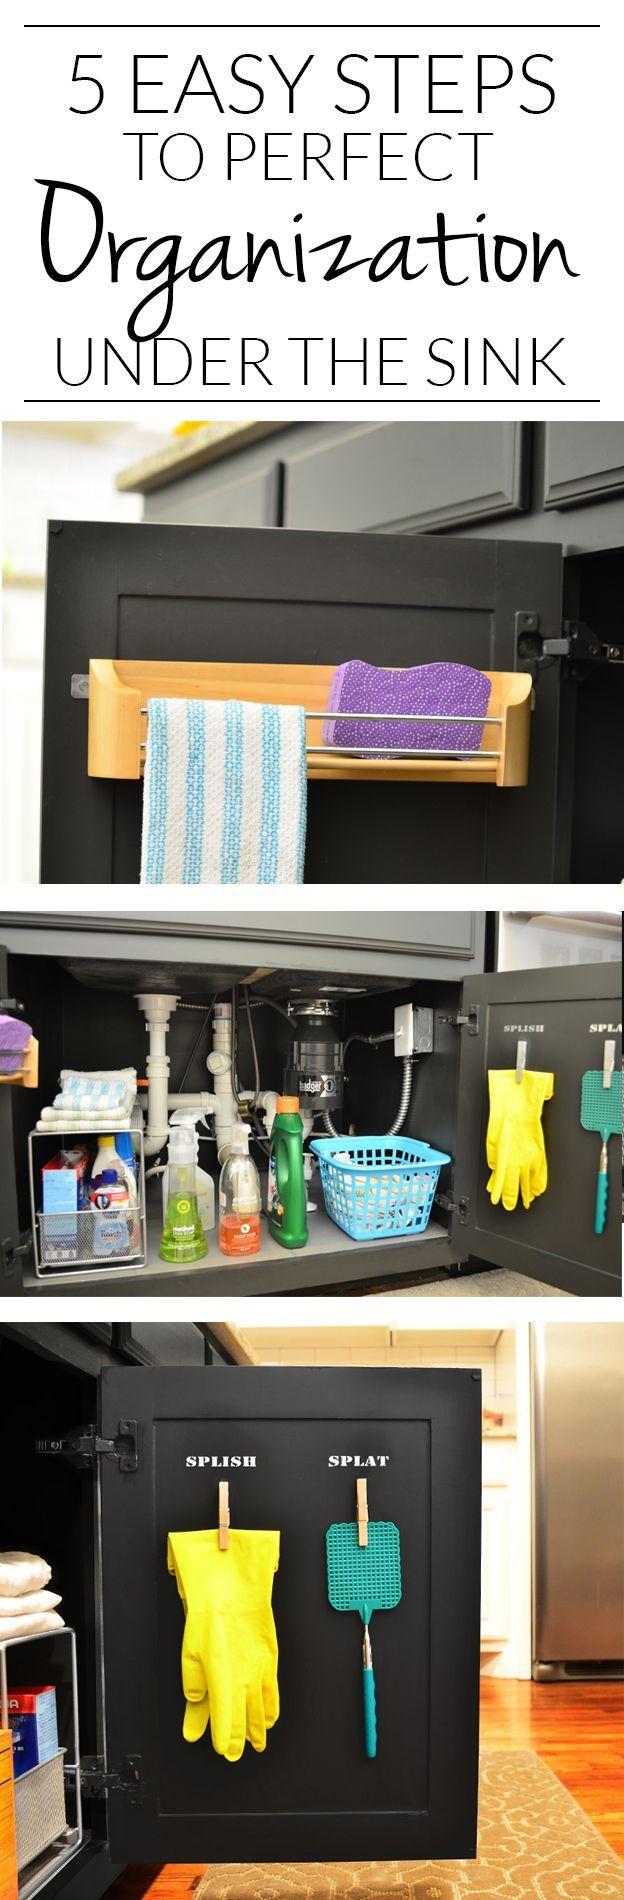 Under Kitchen Sink Organization Ideas That Add Storage | Sinks ...